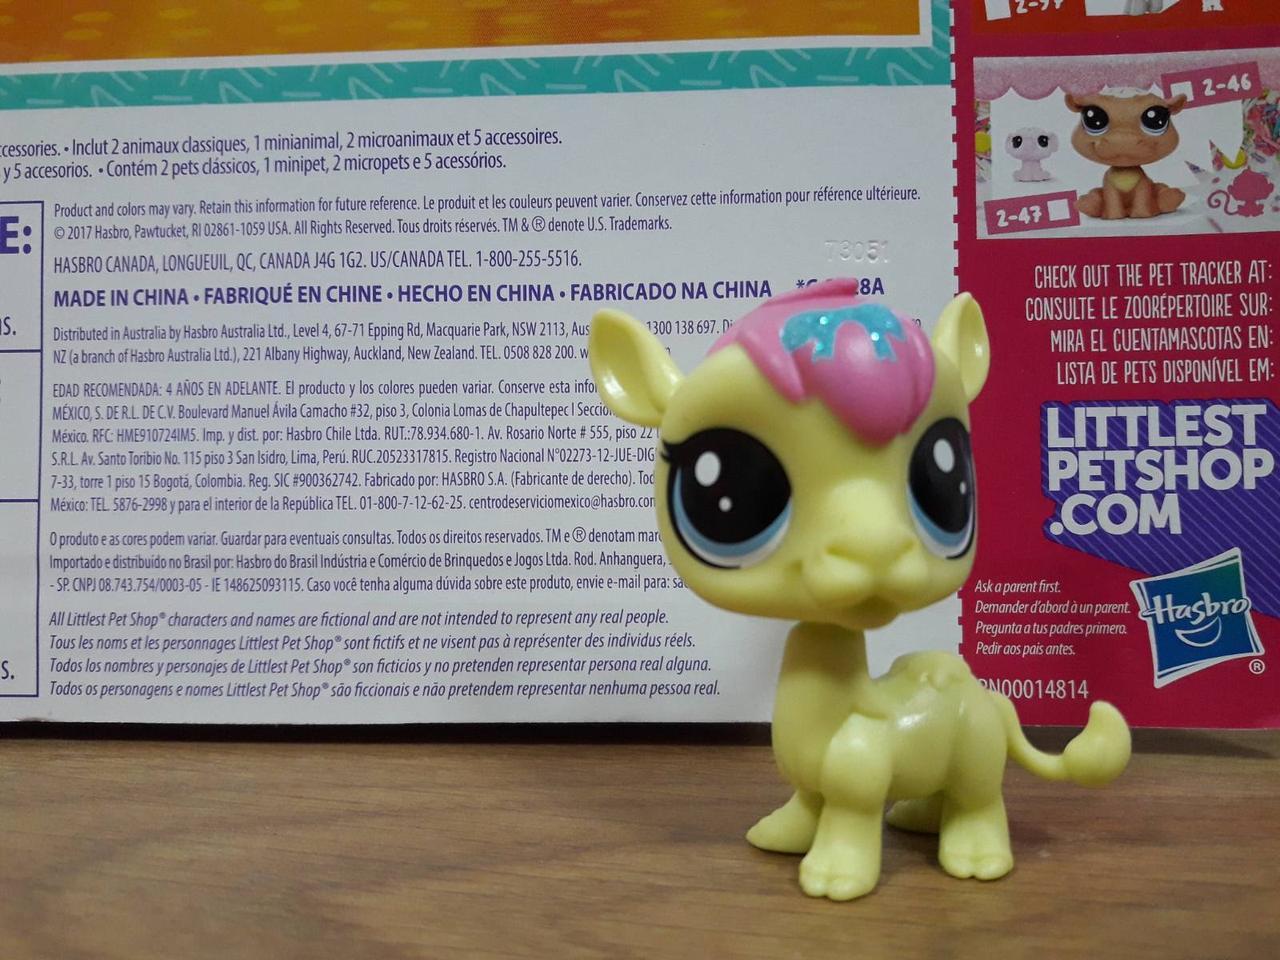 Littlest pet shop lps игрушка Hasbro лпс пет шоп верблюд